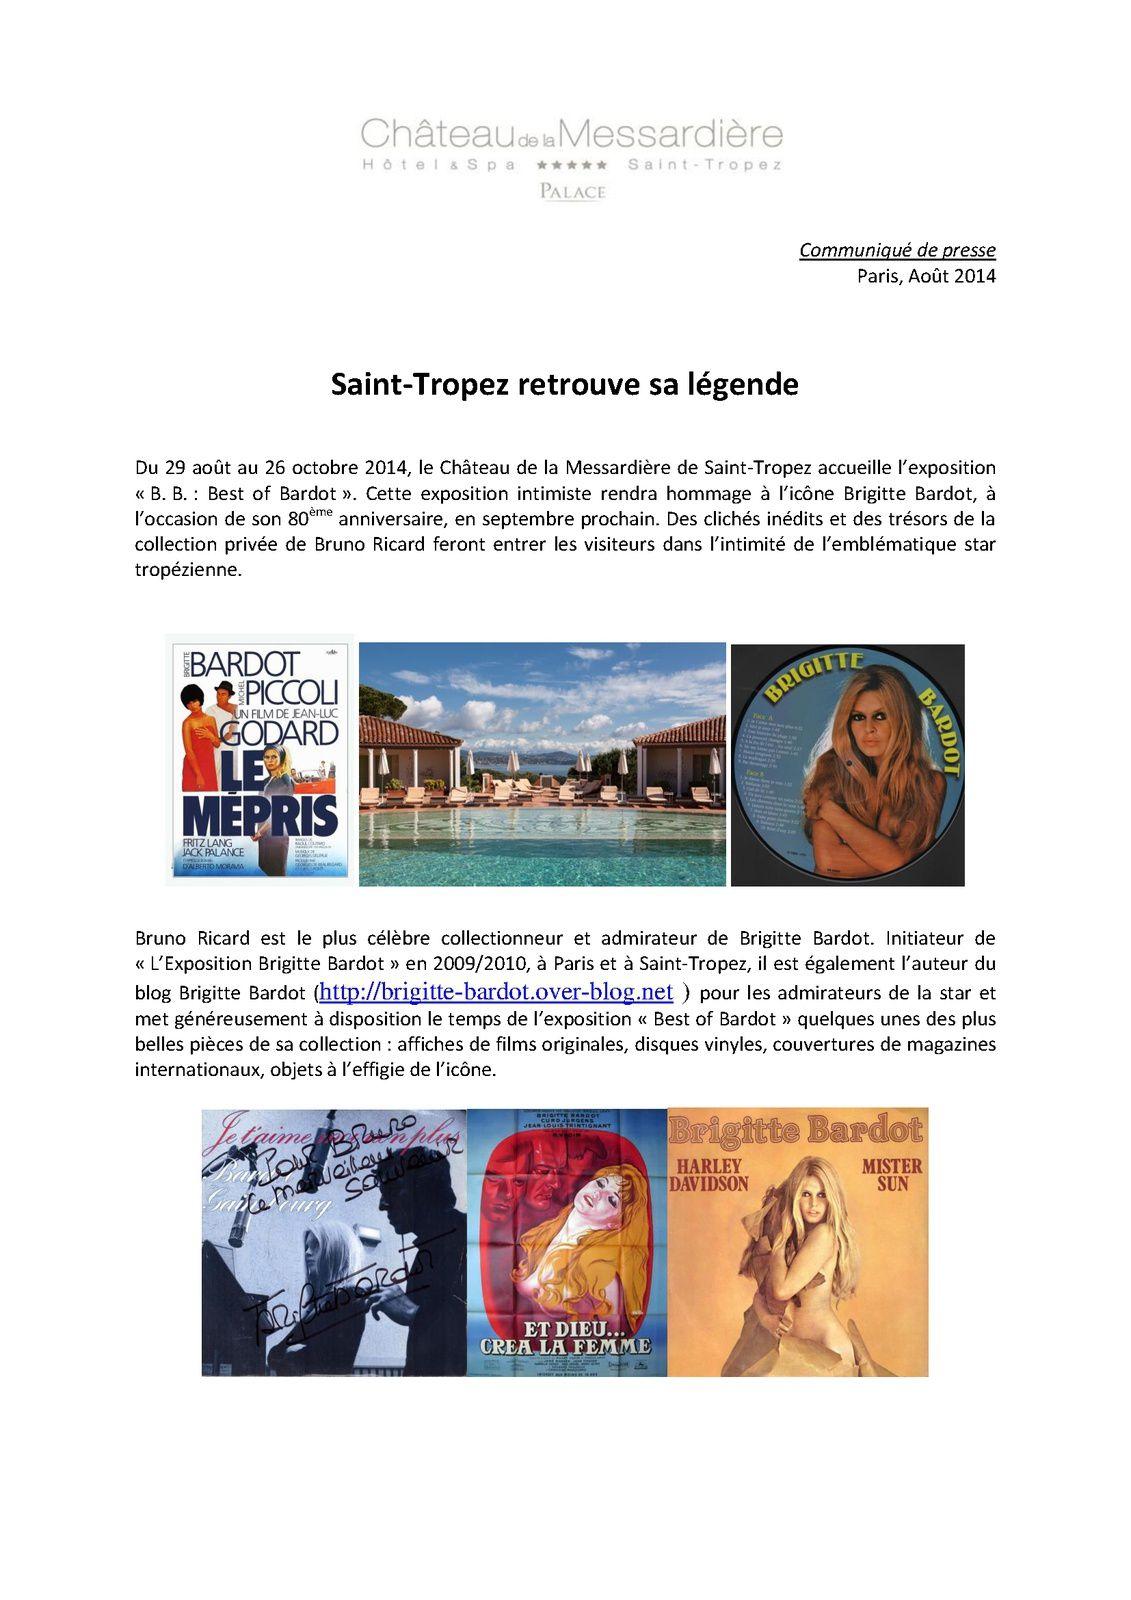 Brigitte Bardot Communiqué de presse exposition &quot&#x3B;Best of BB&quot&#x3B;